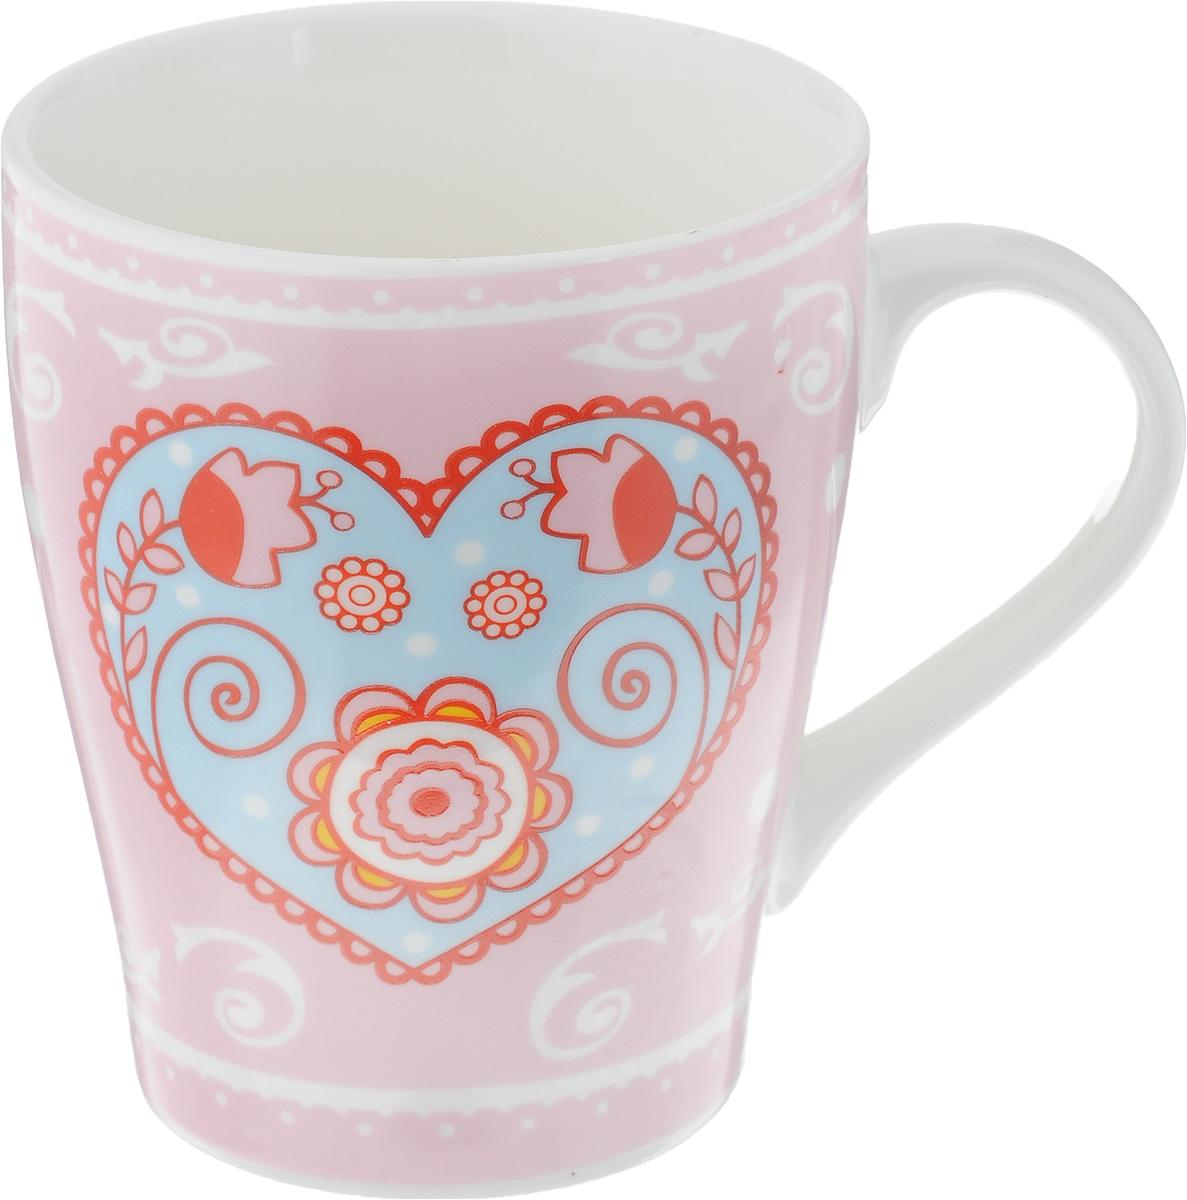 Кружка Loraine, цвет: розовый, 350 мл. 2211222112Кружка Loraine выполнена из высококачественного фарфора с глазурованным покрытием и оформлена оригинальным рисунком. Посуда из фарфора позволяет сохранить истинный вкус напитка, а также помогает ему дольше оставаться теплым. Изделие оснащено удобной ручкой. Такая кружка прекрасно оформит стол к чаепитию и станет его неизменным атрибутом. Можно мыть в посудомоечной машине и использовать в СВЧ.Диаметр кружки (по верхнему краю): 8 см.Высота чашки: 10,5 см.